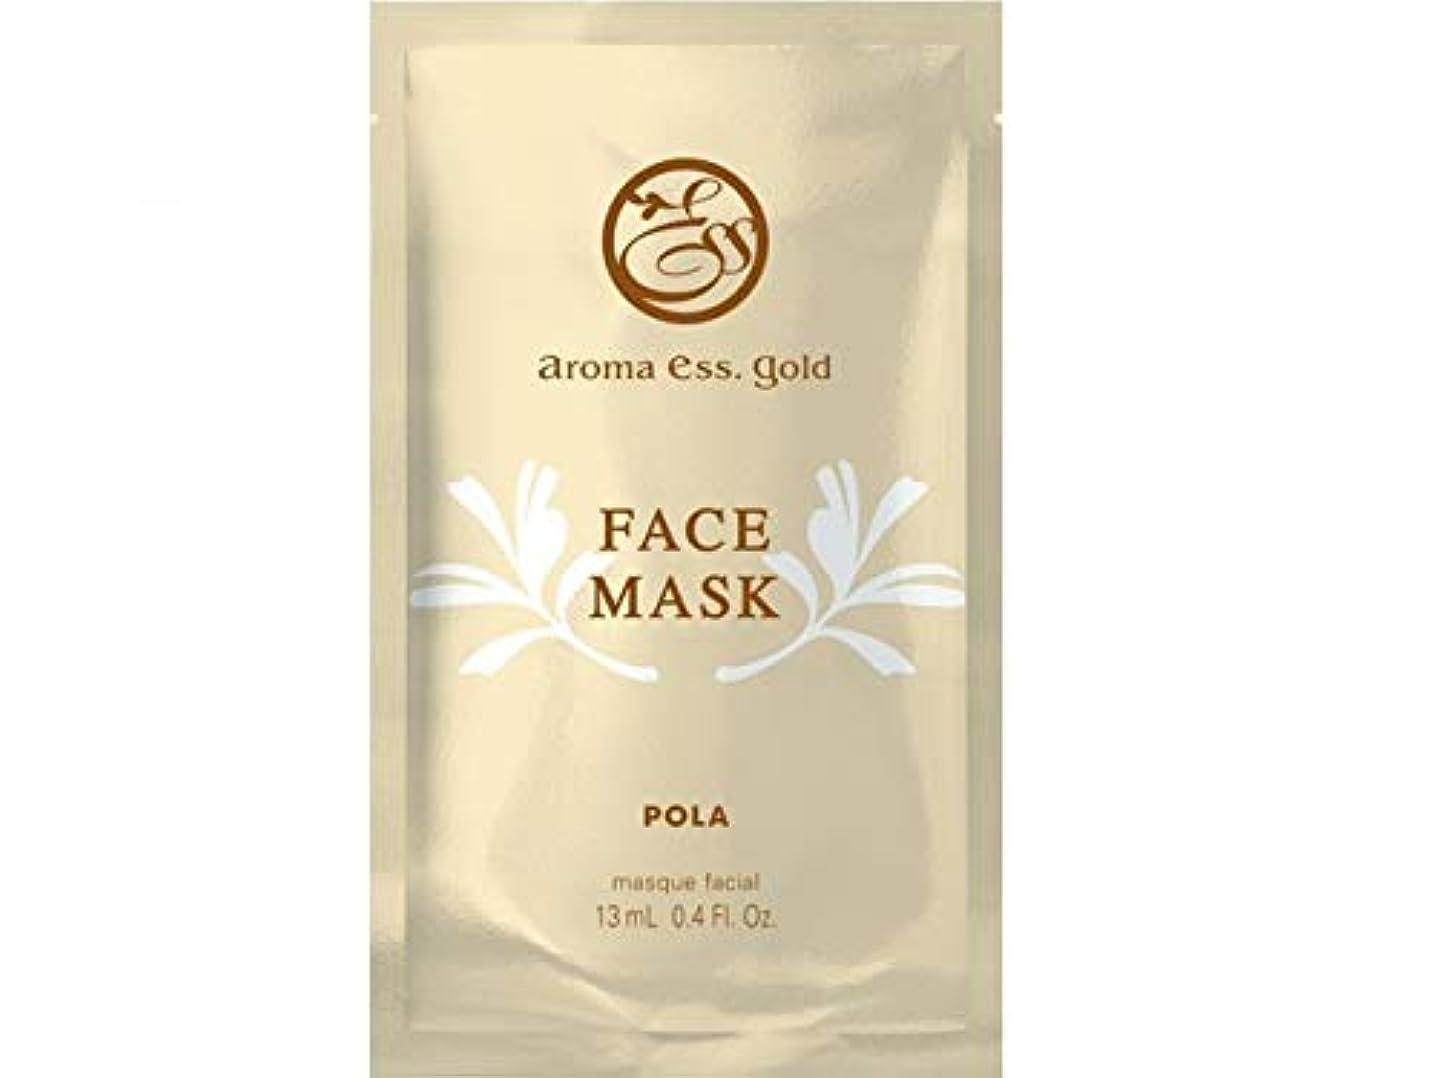 くさびストライク動的POLA ポーラ aromaessegold アロマエッセゴールド フェイスマスク face mask 30枚セット 追跡可能メール便